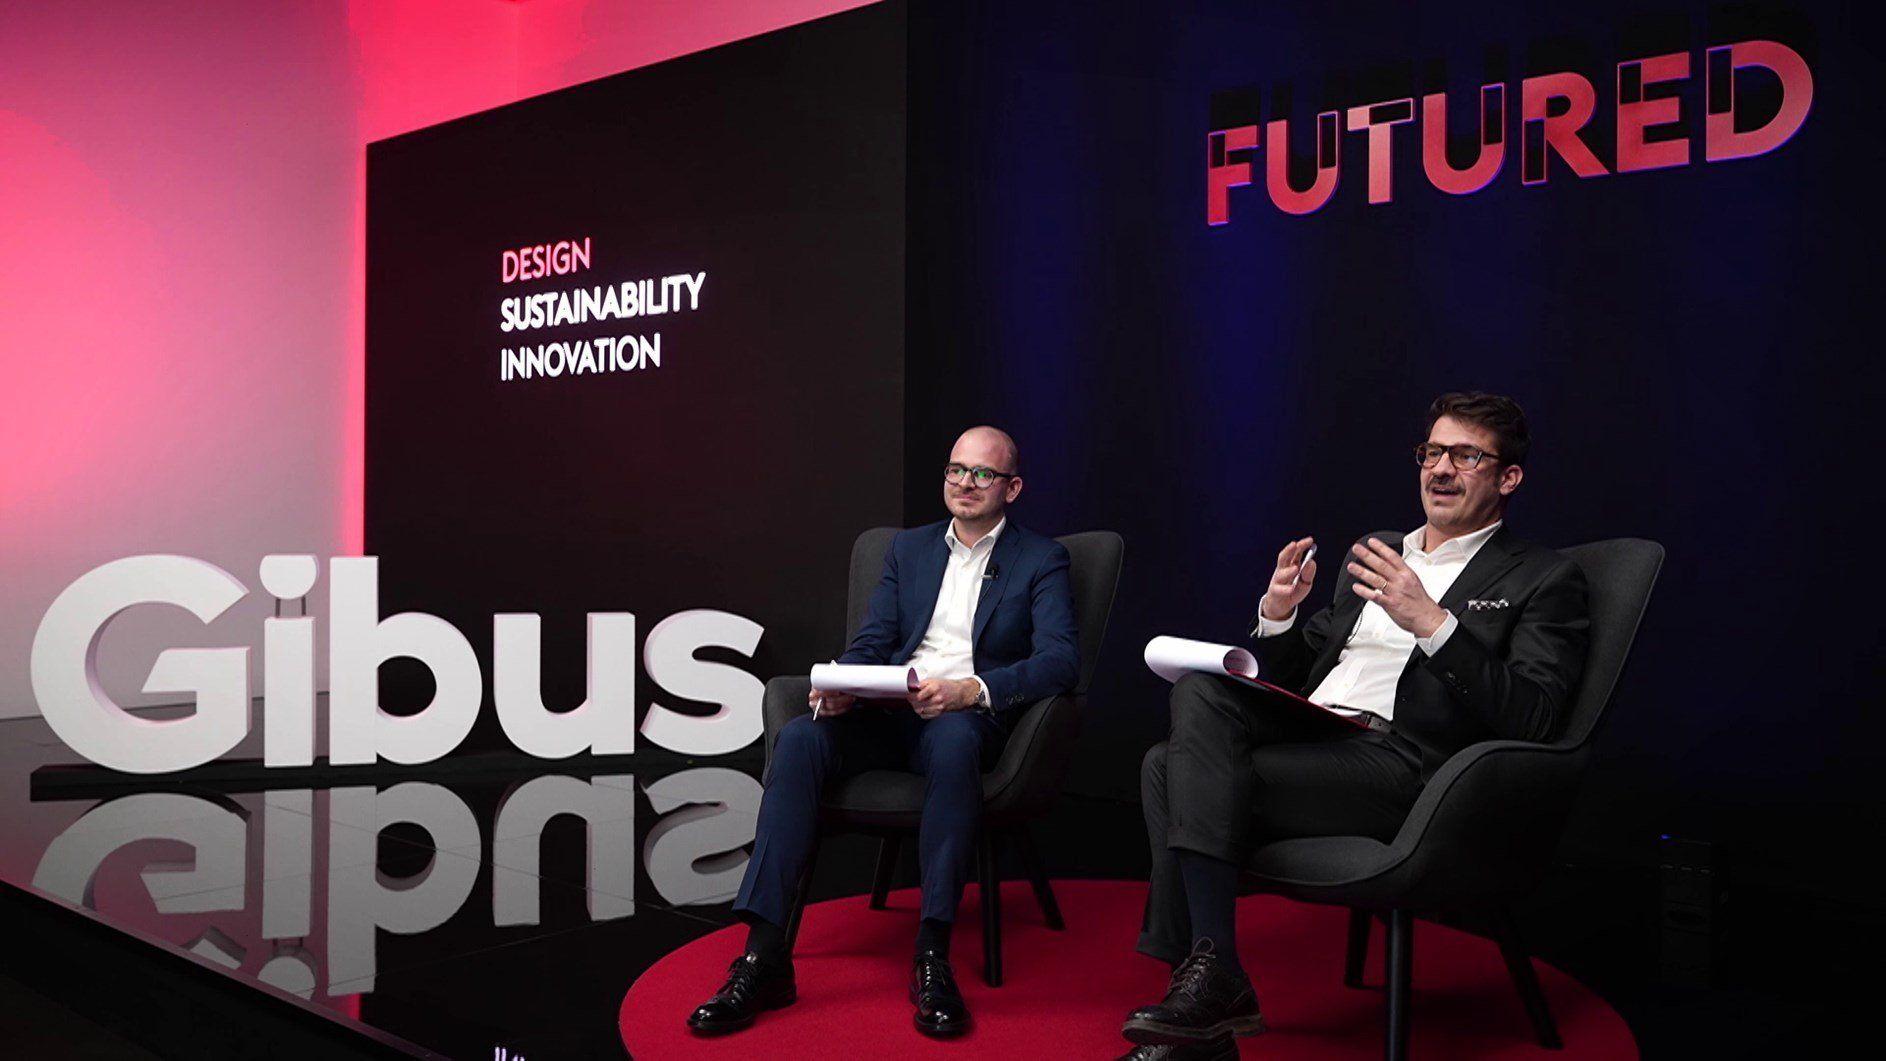 Futured: Gibus incontra i propri partner con un Digital Workshop